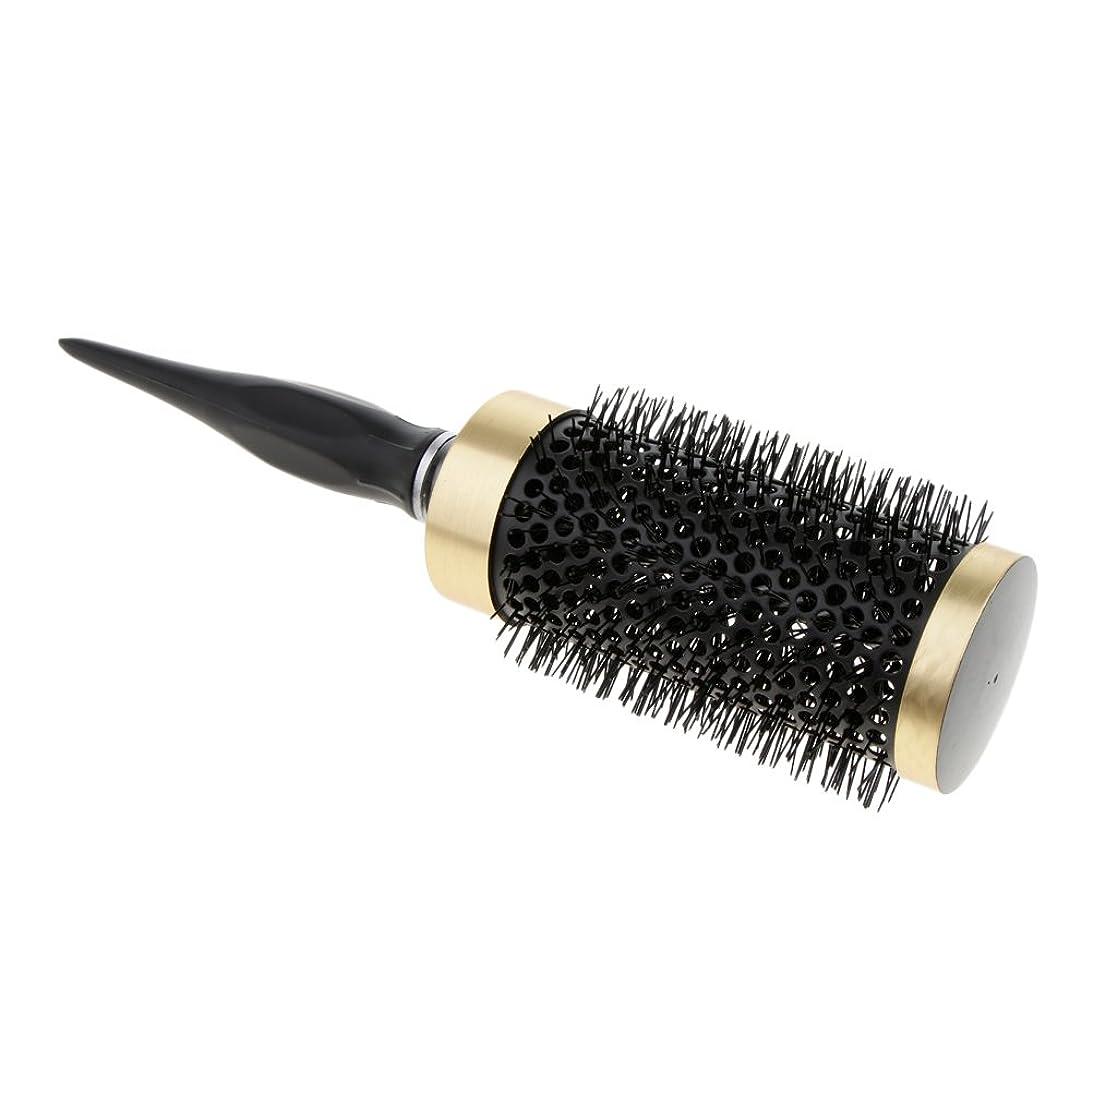 すぐに感じる無法者Perfk ロールブラシ ヘアブラシ ナイロンブラシ 静電気防止  カーリング 巻き髪ヘア 全5サイズ - 52mm